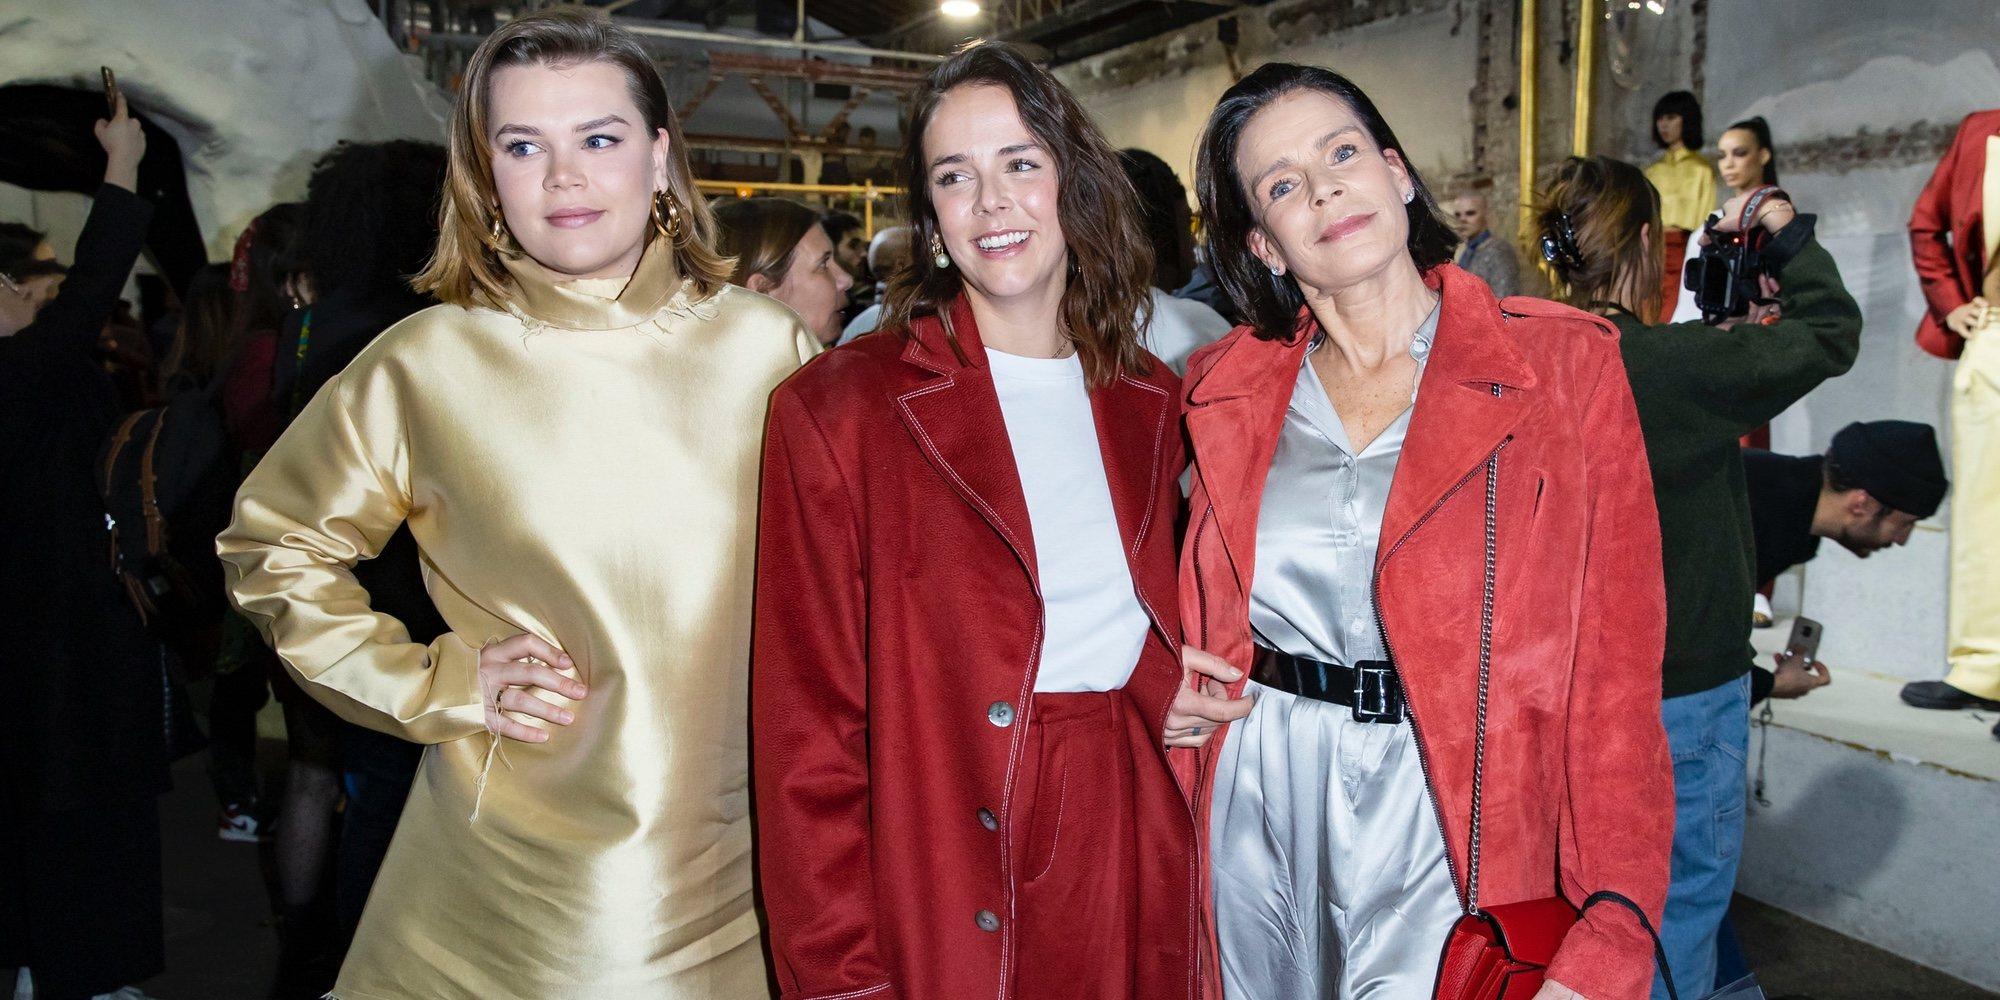 Pauline Ducruet triunfa en la Semana de la Moda de París arropada por Estefanía de Mónaco y Camille Gottlieb